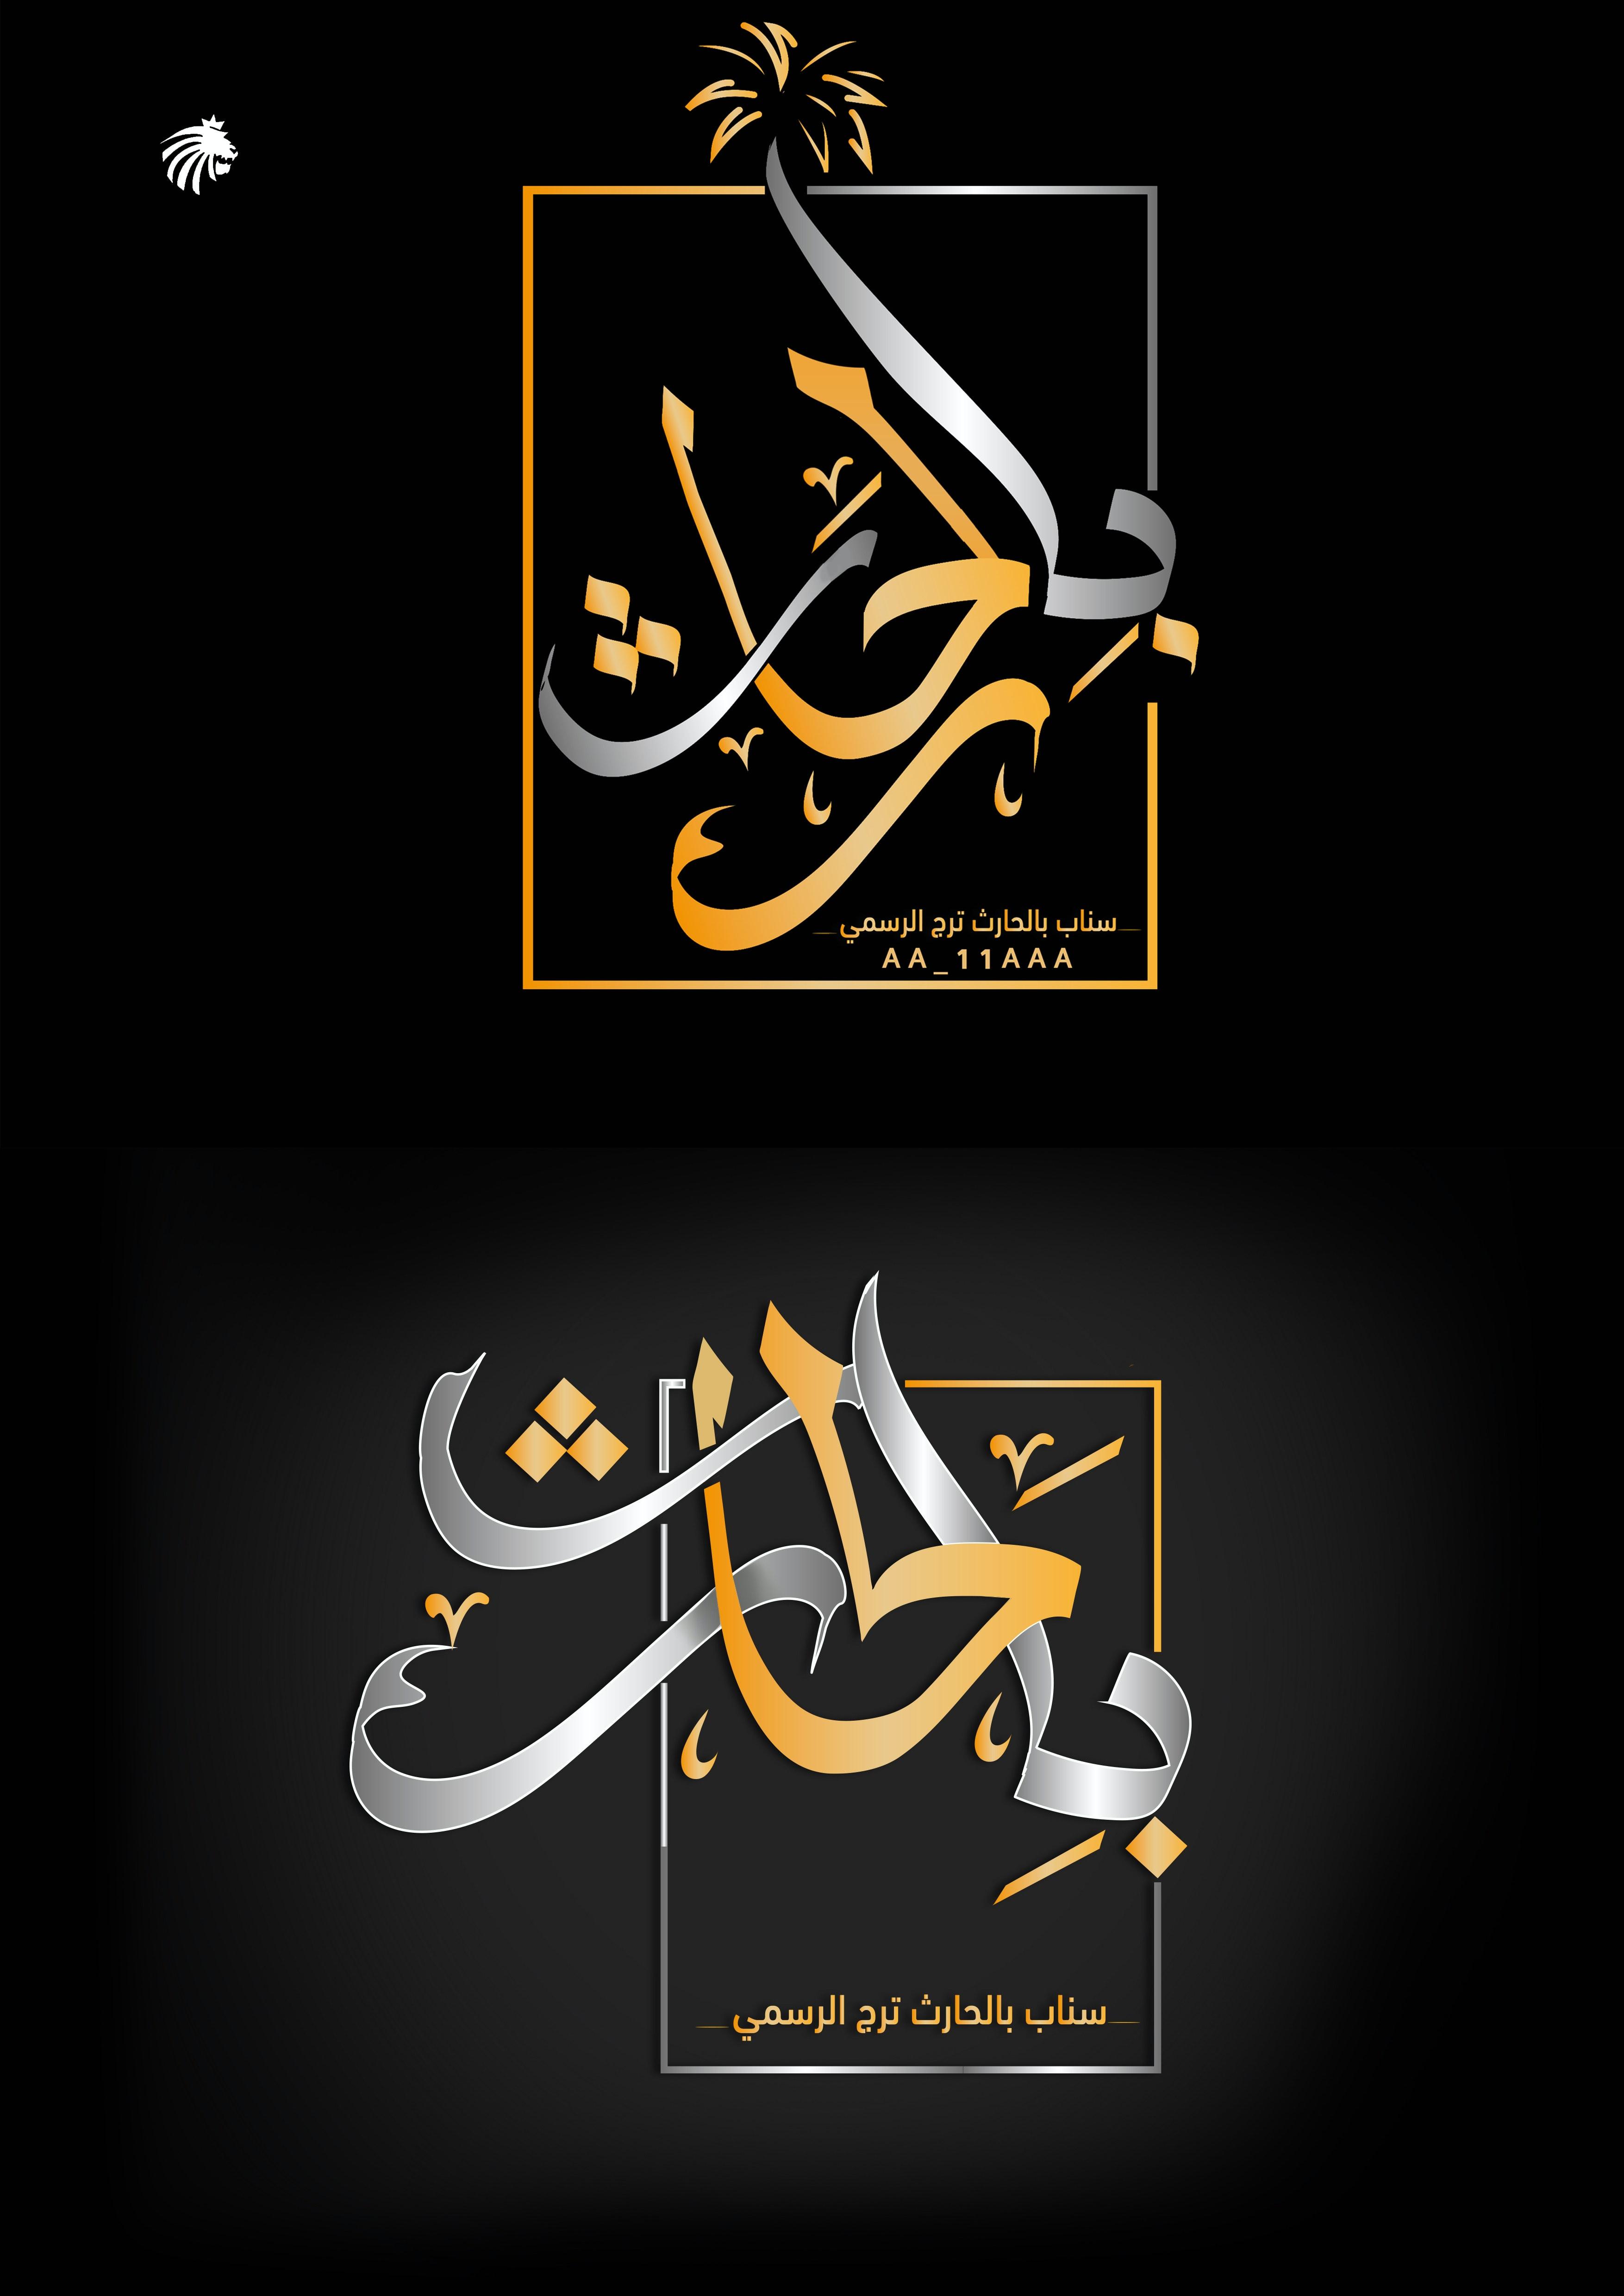 شعار بالحارث